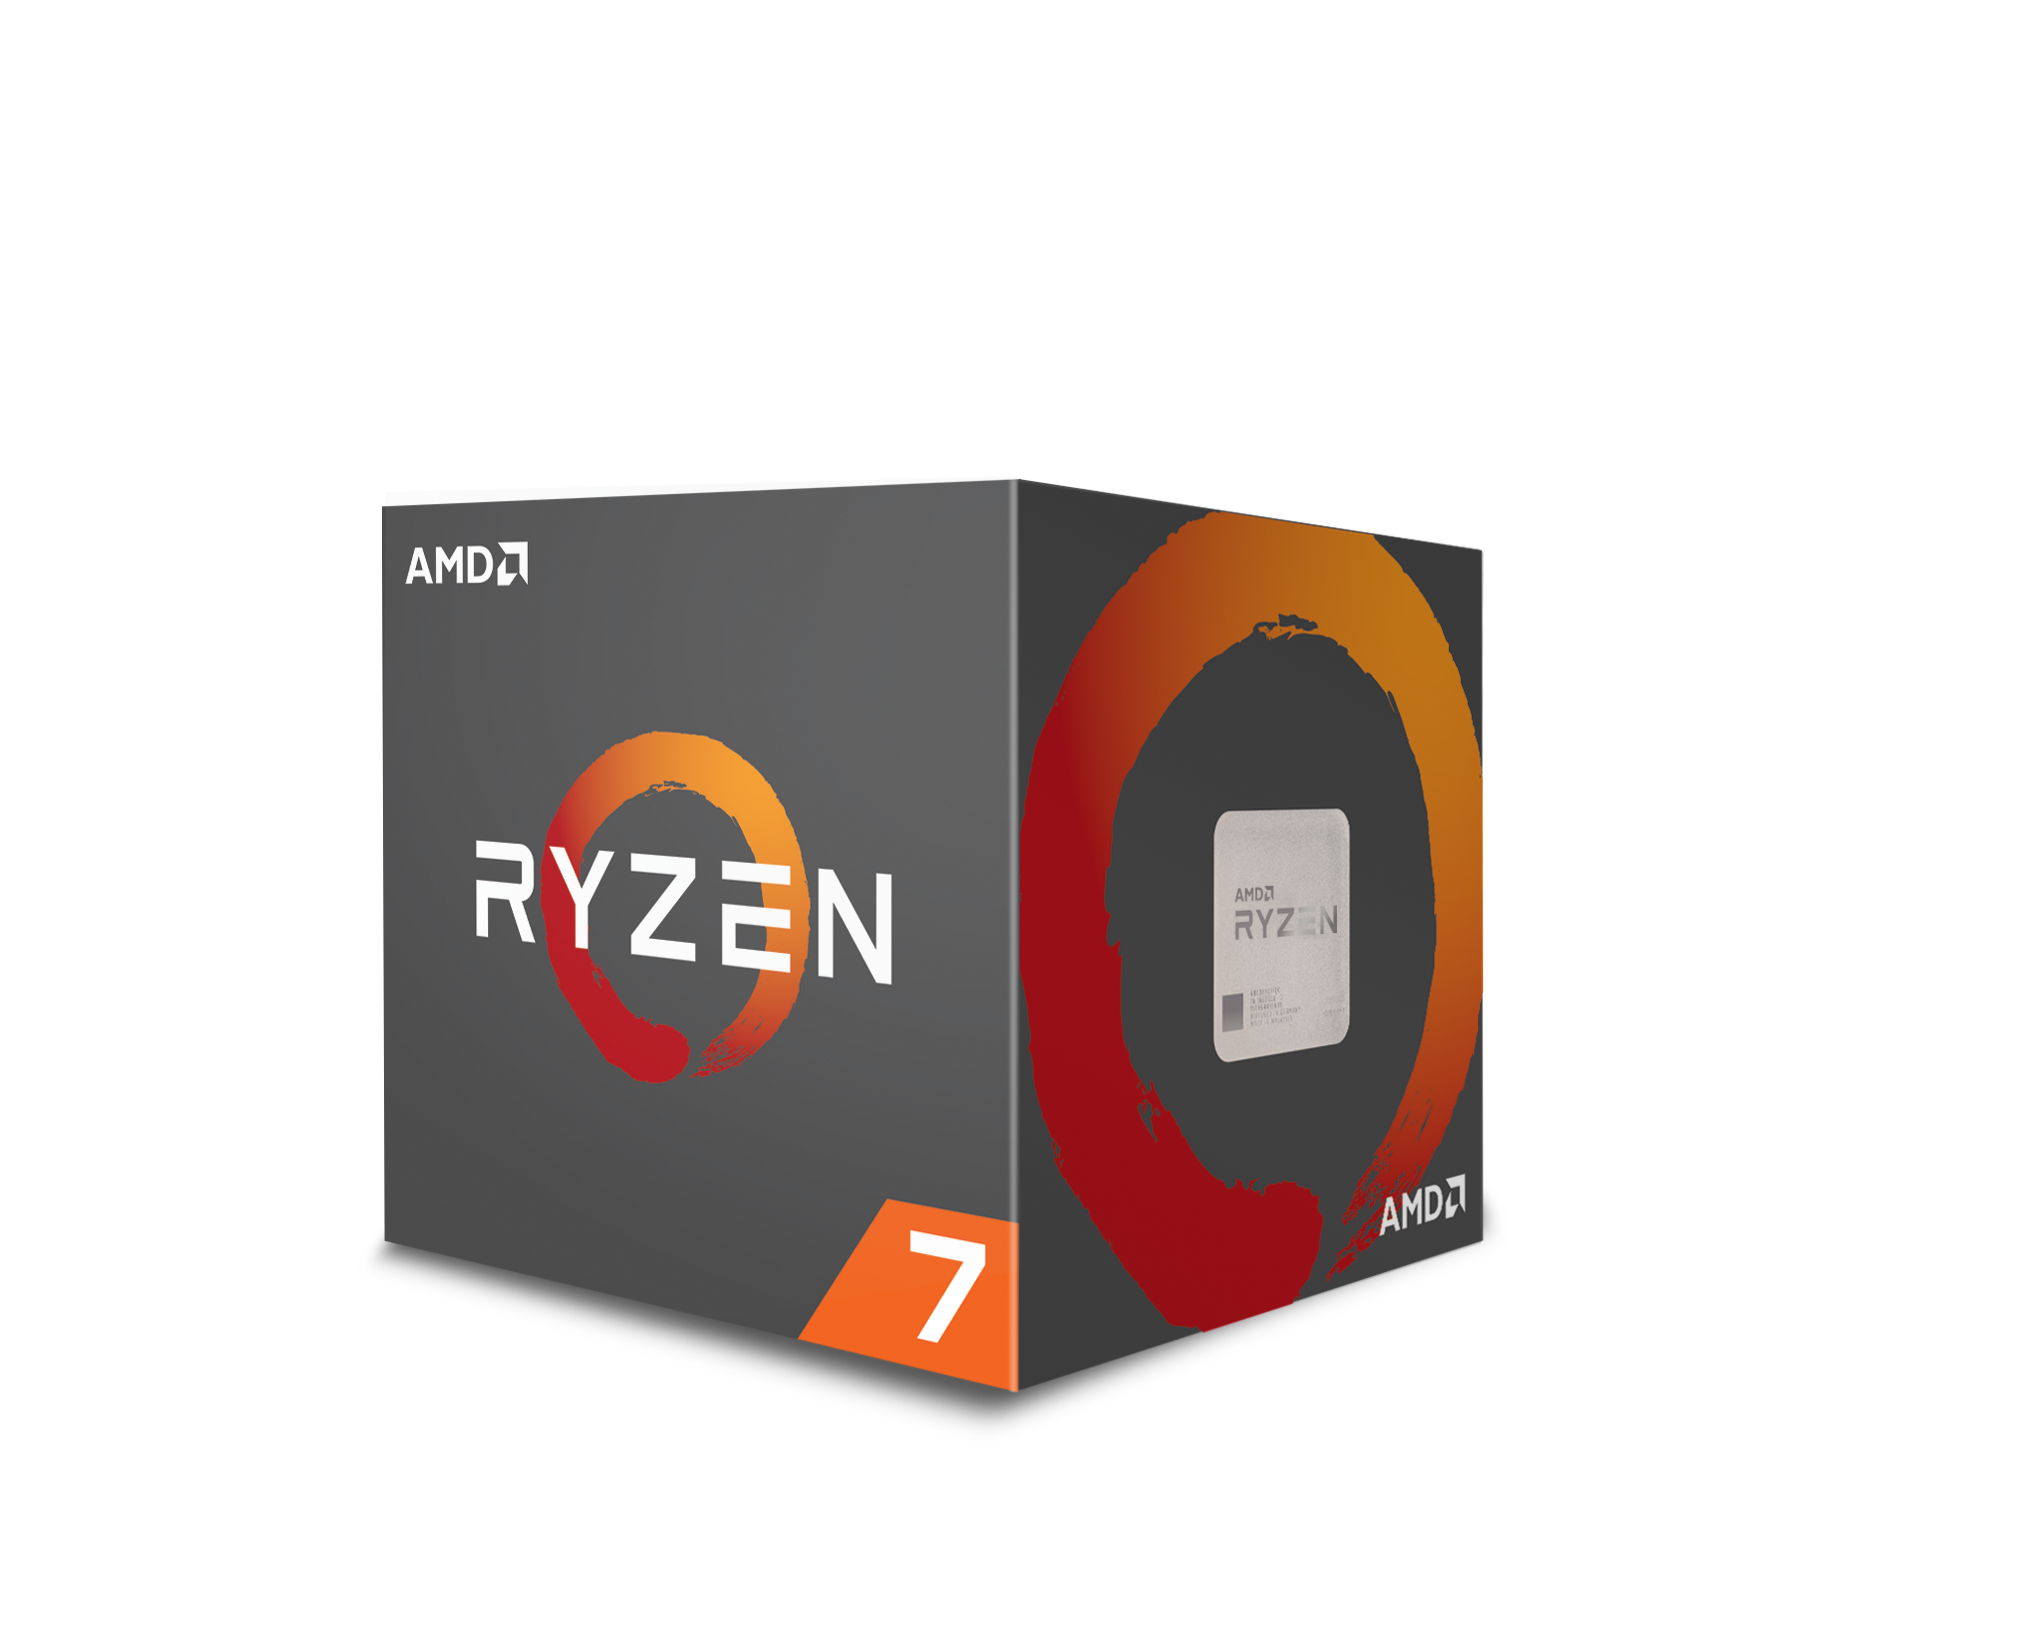 Processeur Ryzen 7 2700X, avec Wraith Prism cooler